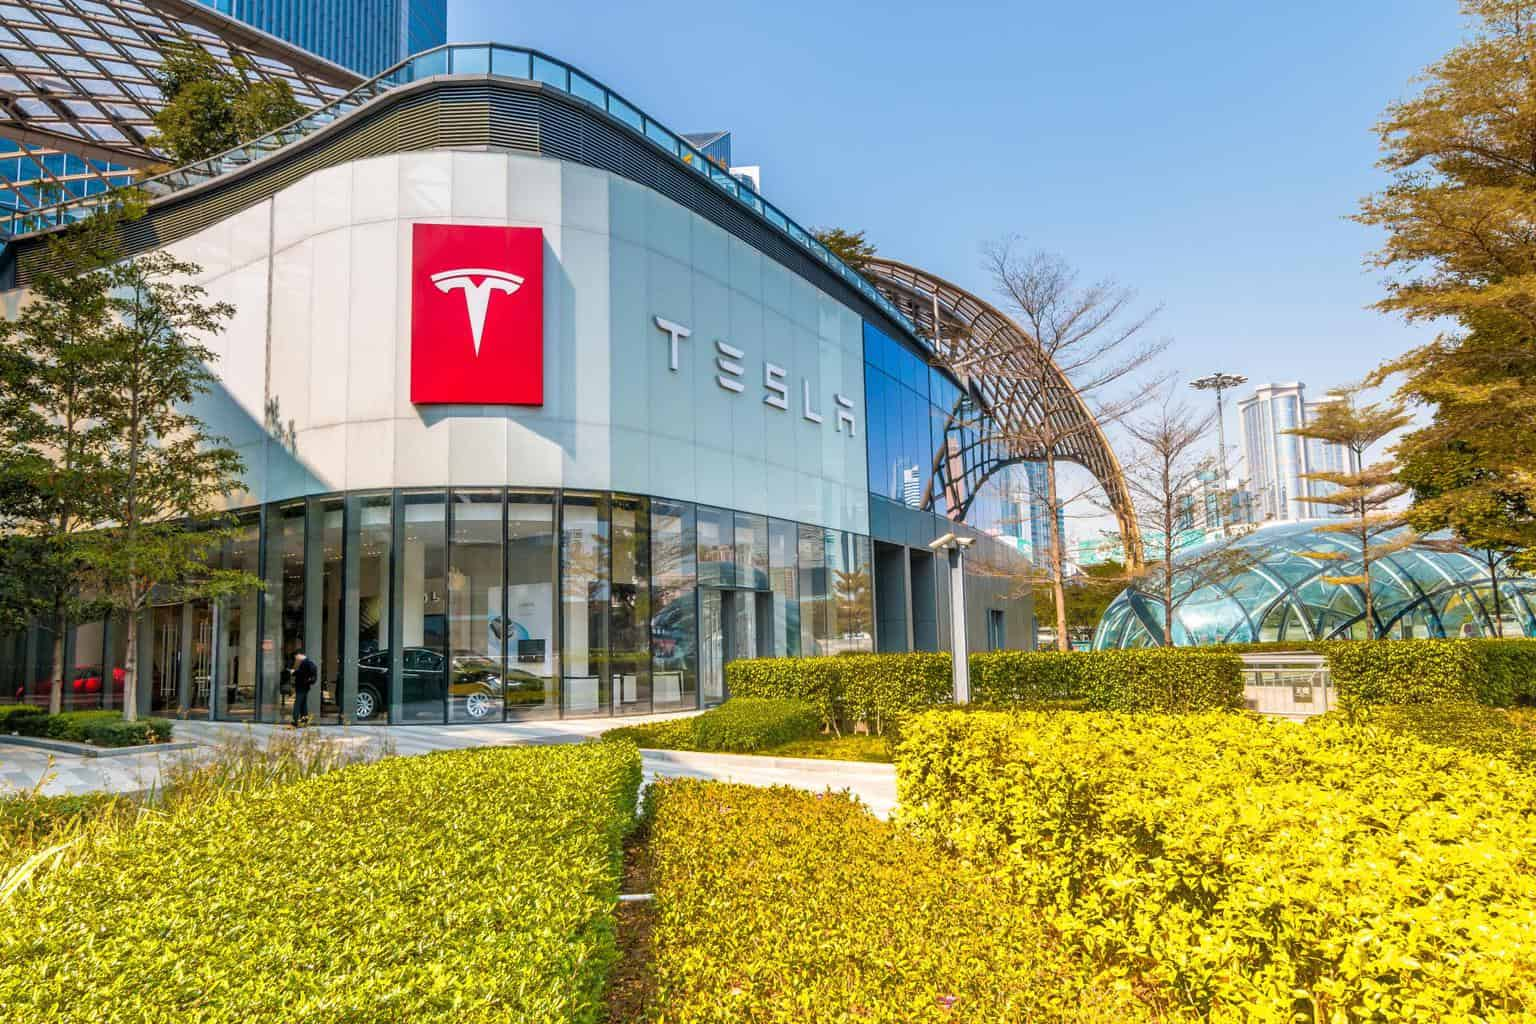 Teslas Gigafactory Shanghai soll im kommenden Jahr bereits 550.000 Fahrzeuge produzieren